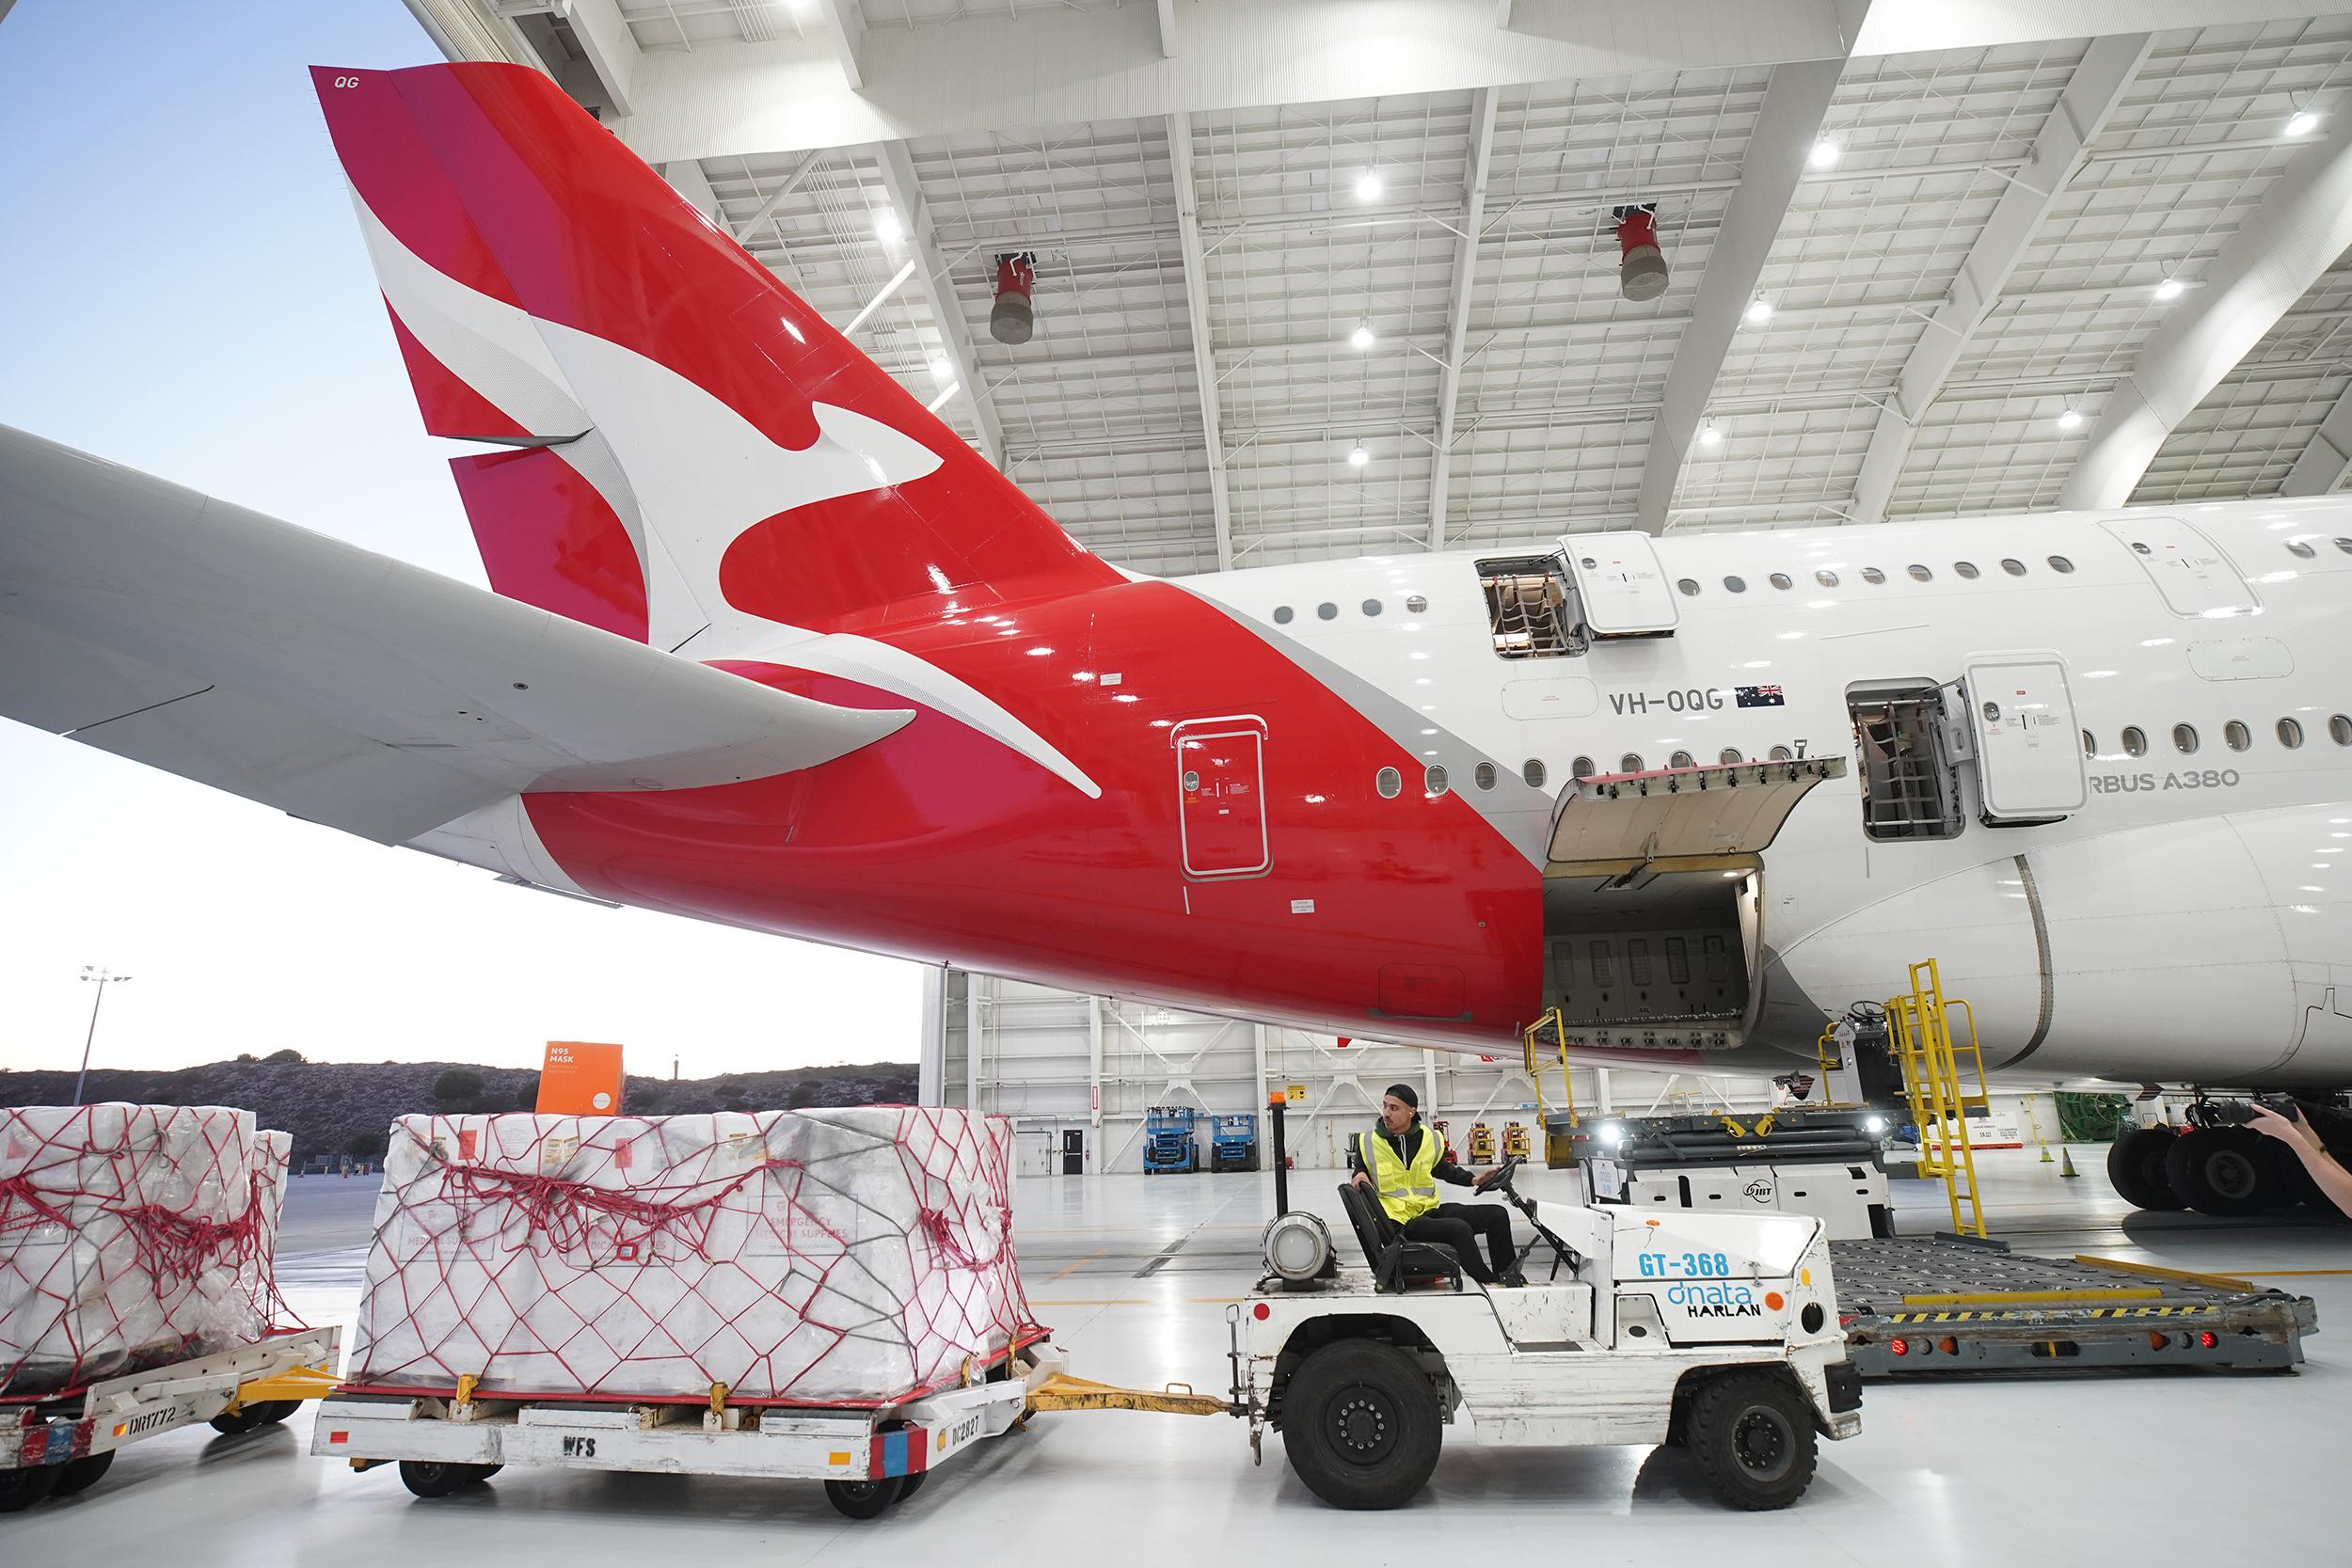 Qantas, Air France, KLM tally up coronavirus costs